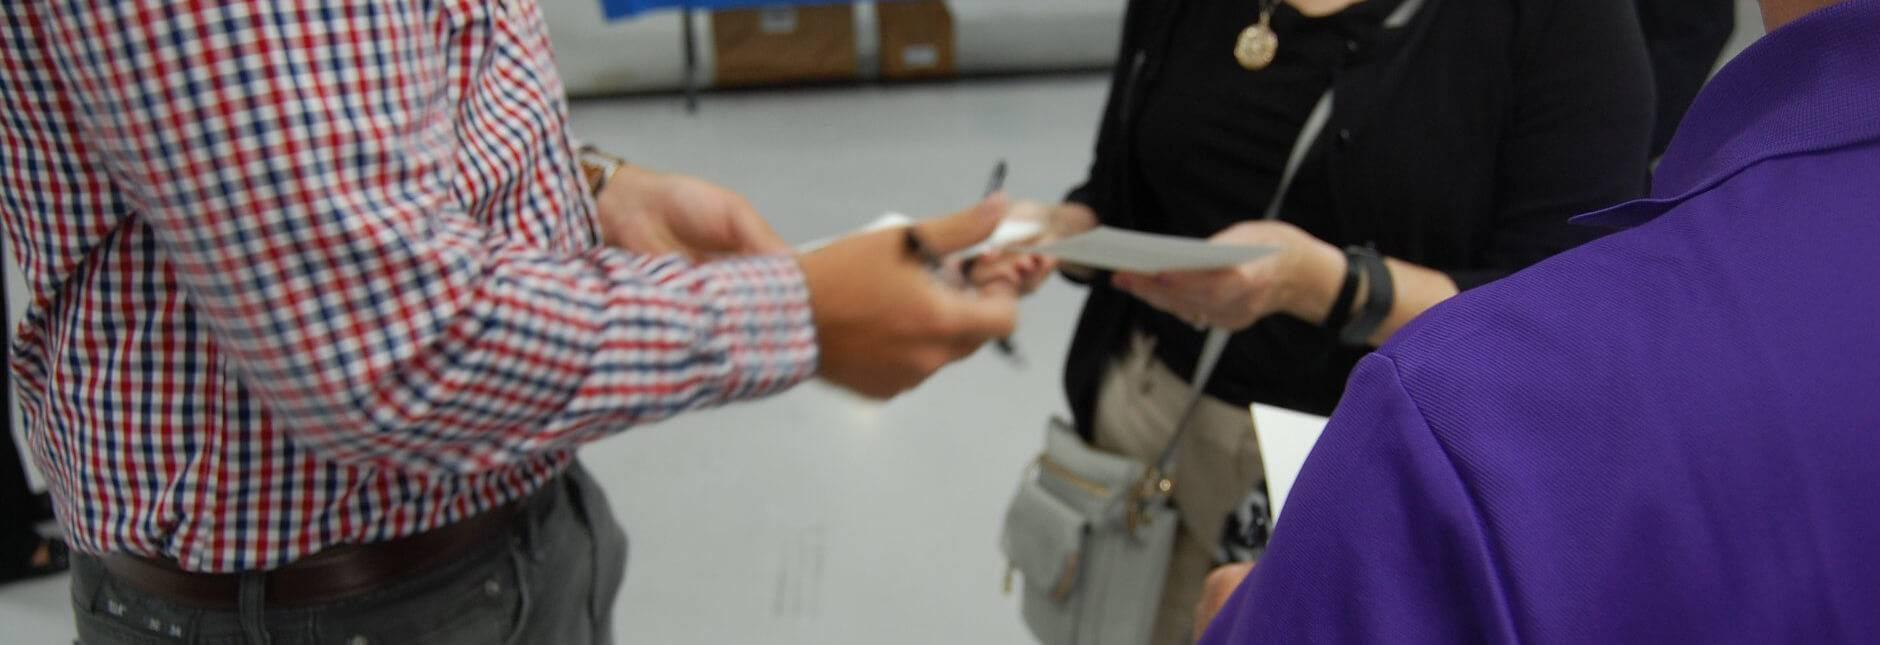 Members exchange contact information.